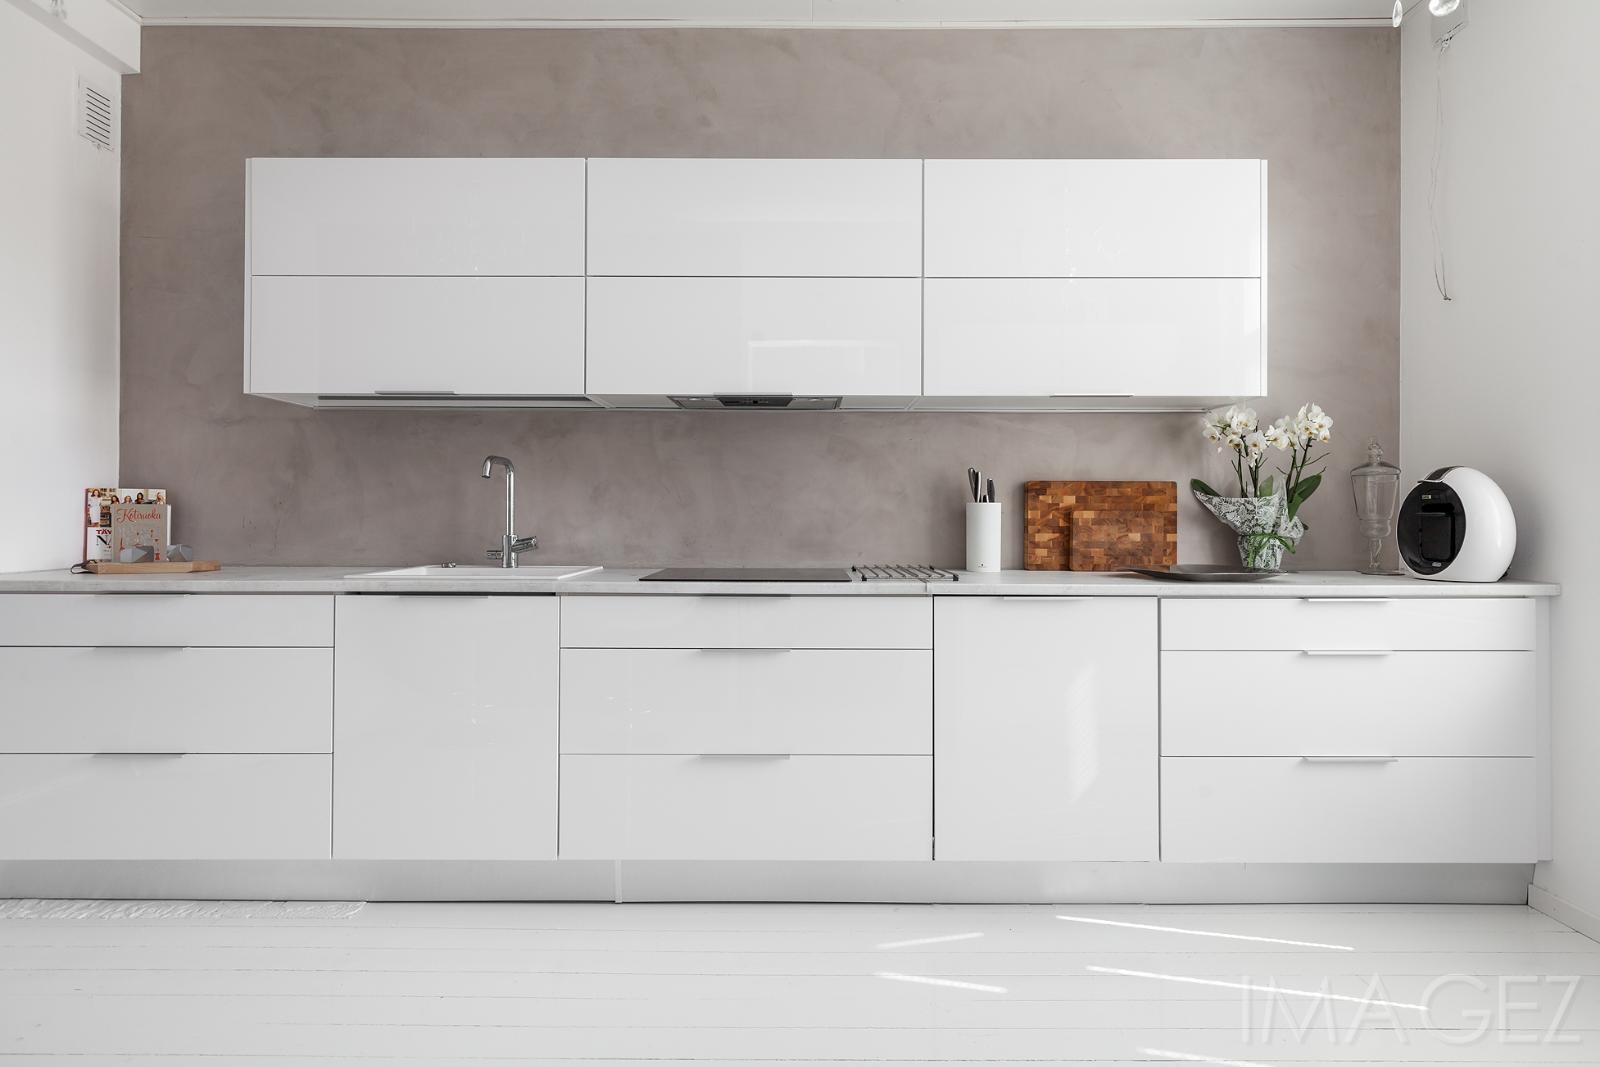 Valkoinen keittiö mikrosementtiseinällä  Etuovi com Ideat & vinkit